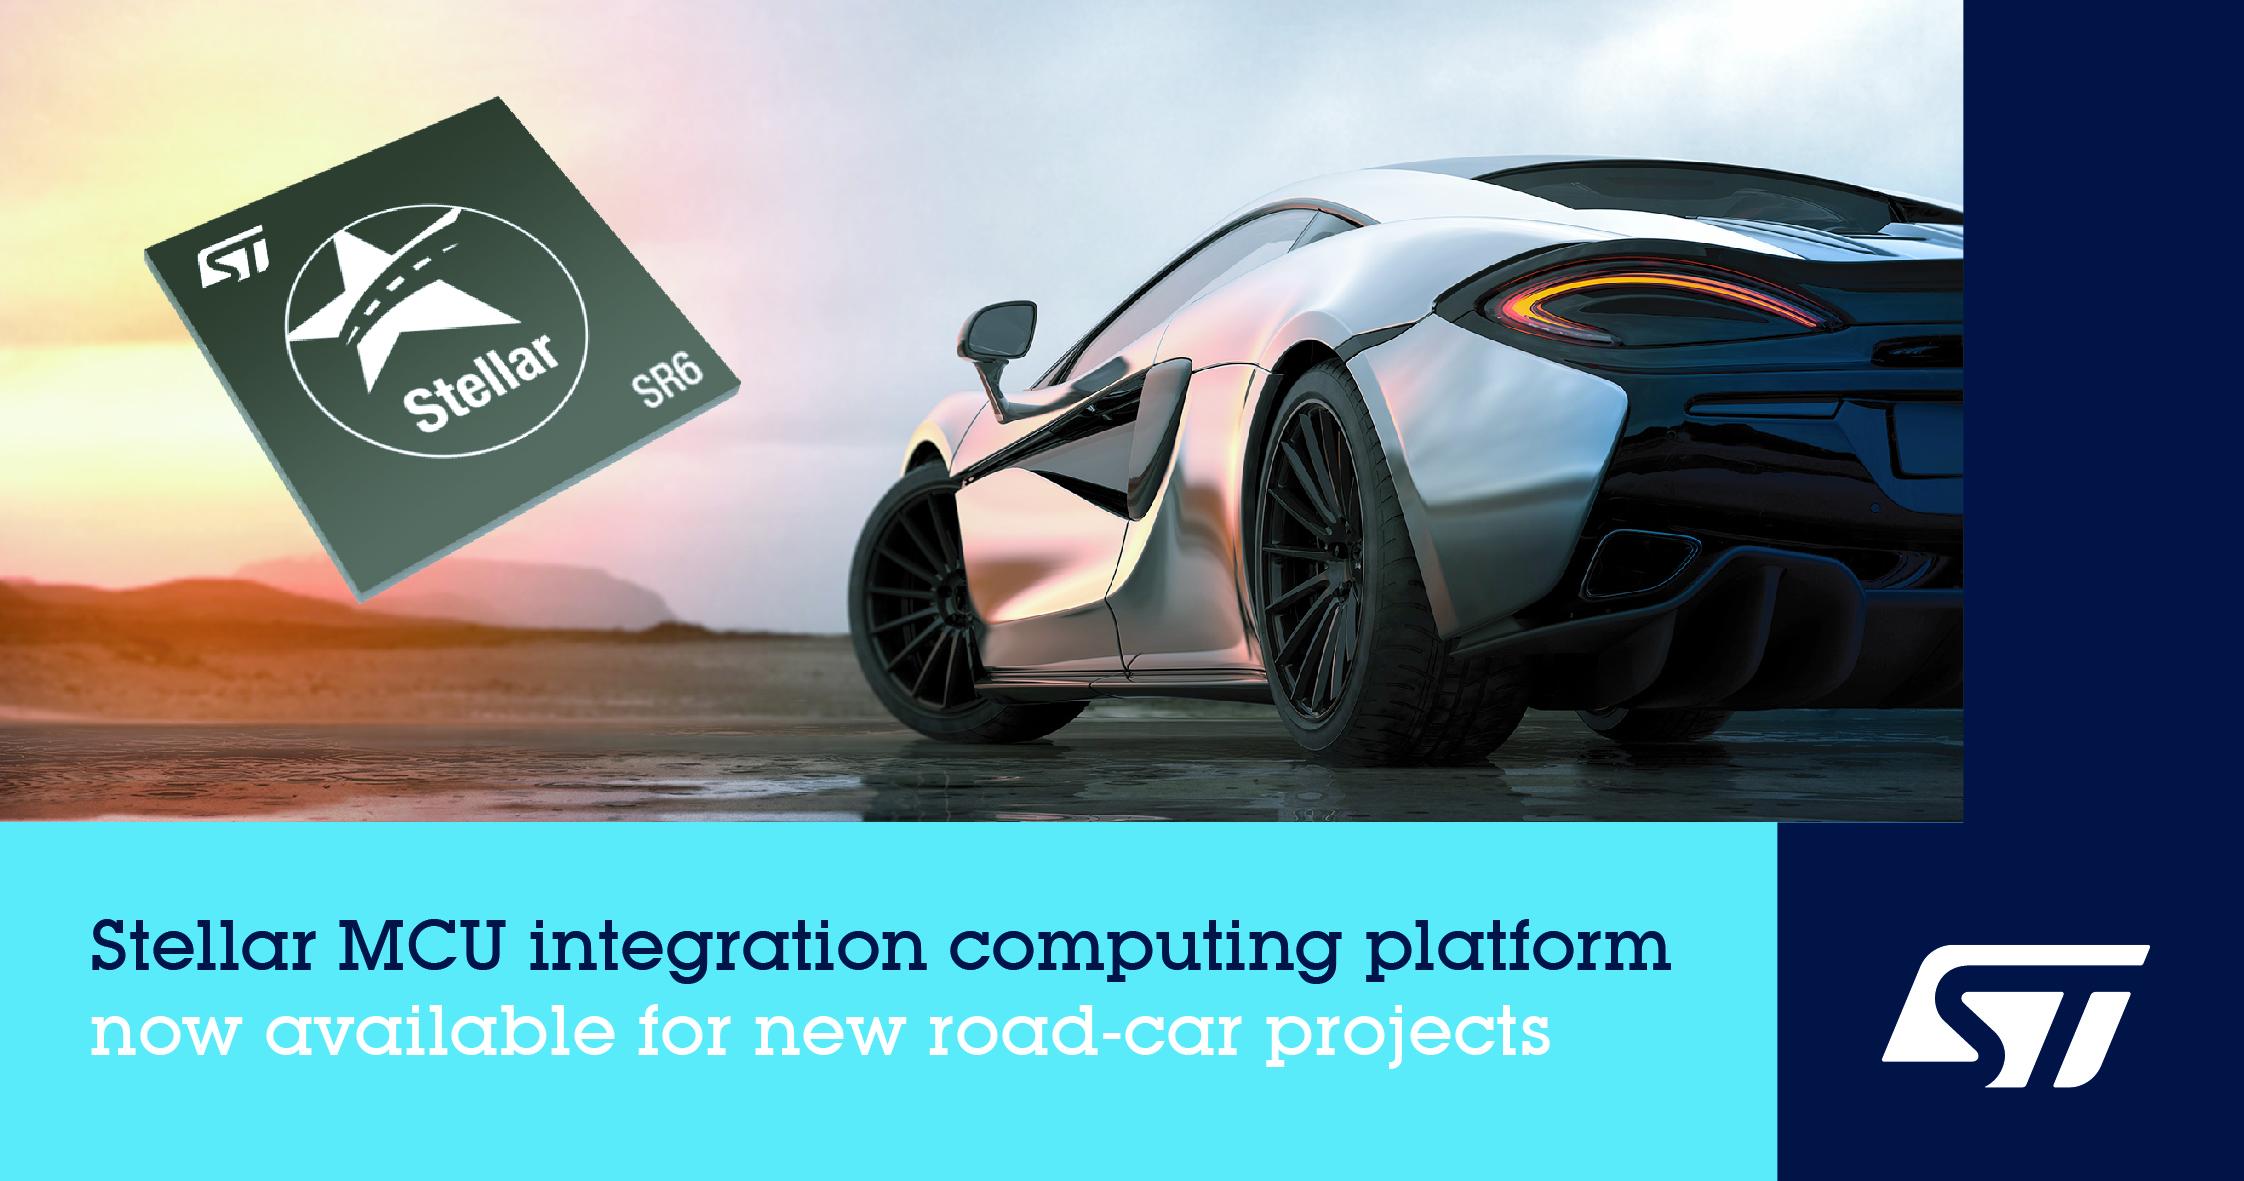 意法半导体为新路车项目提供首批Stellar先进汽车微控制器